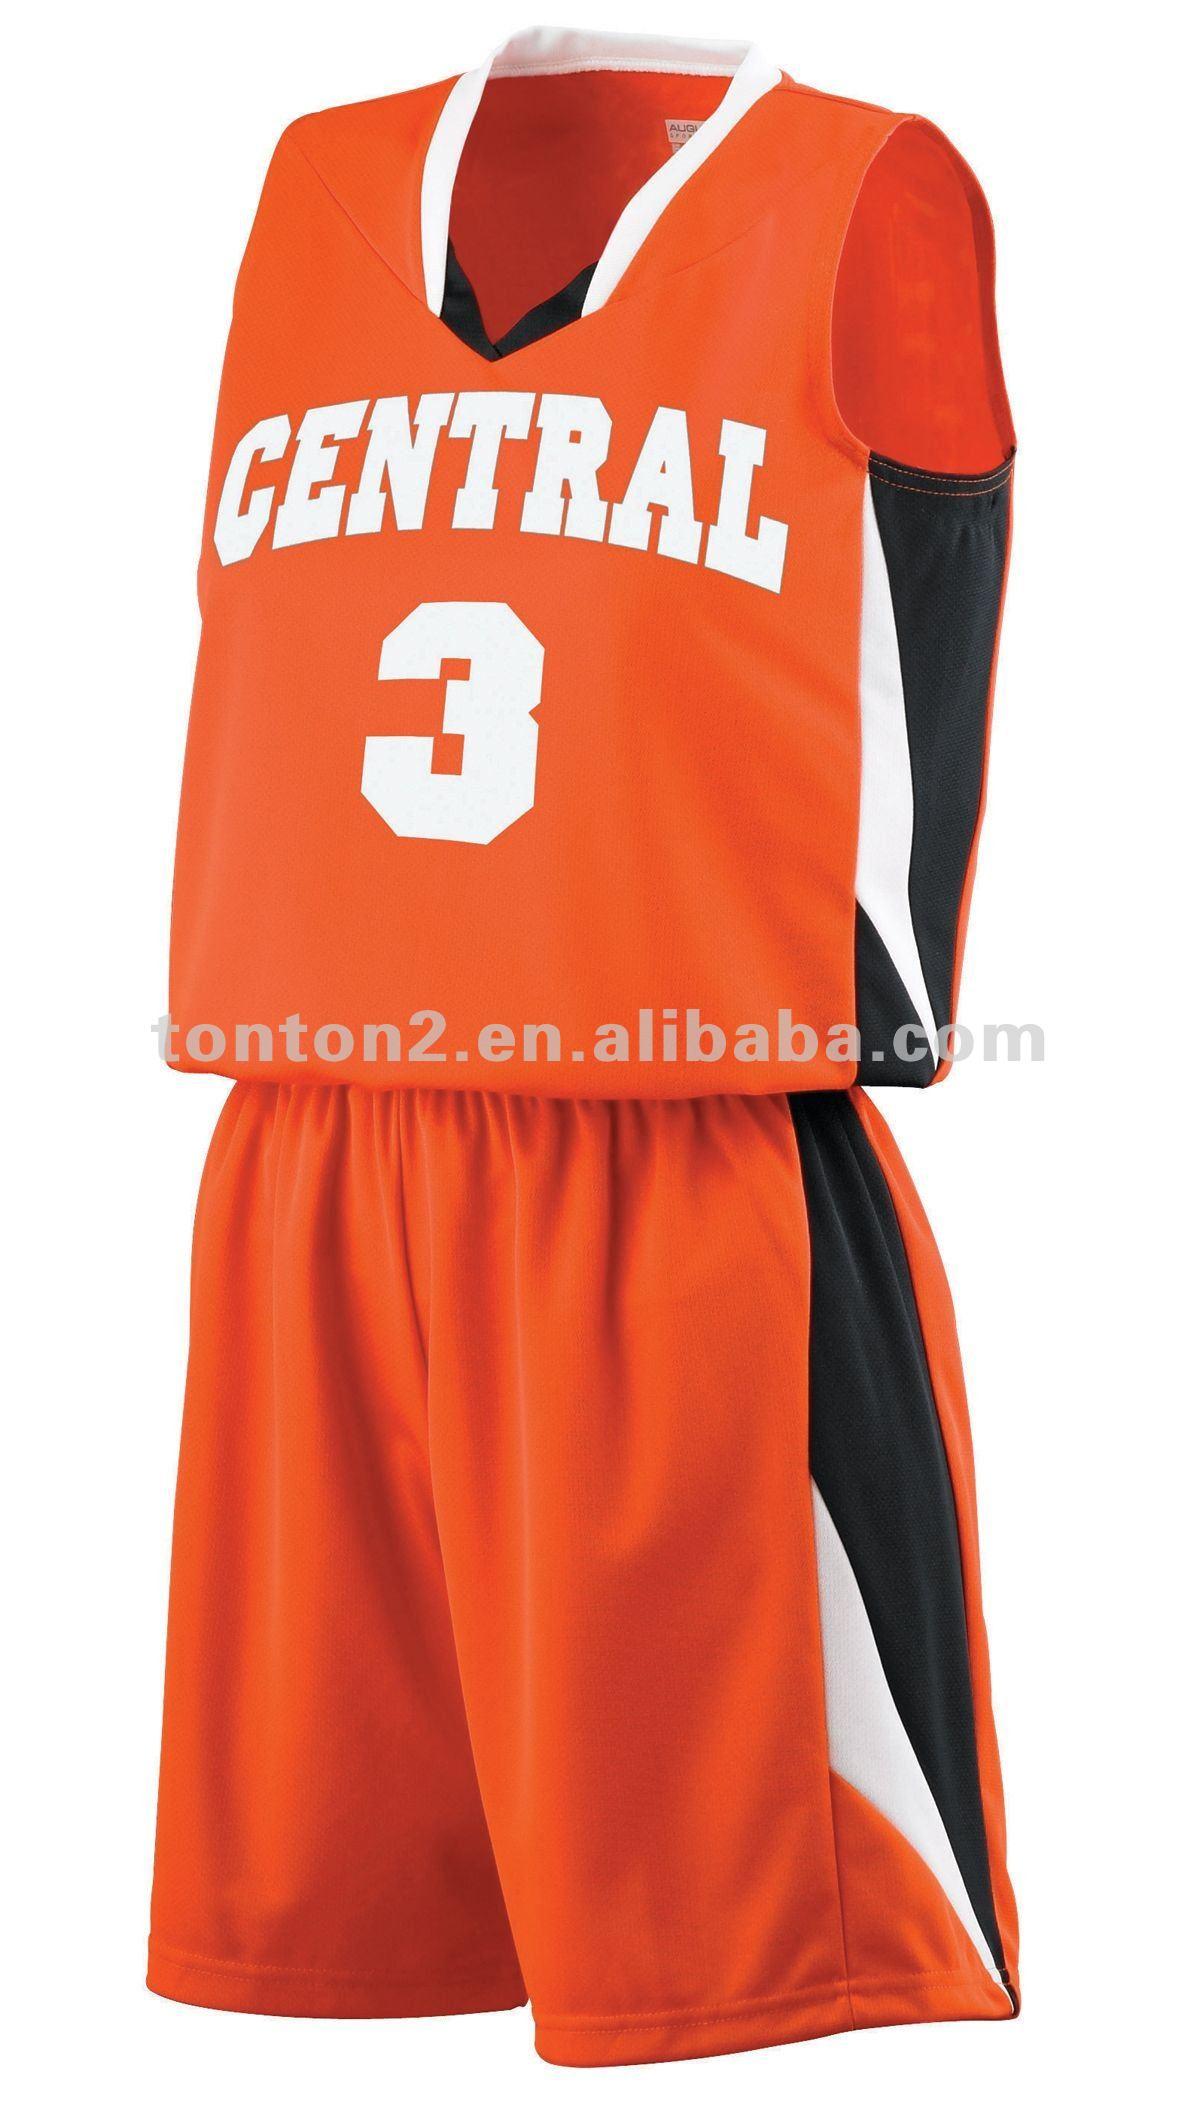 De Color Naranja Los Uniformes Del Baloncesto